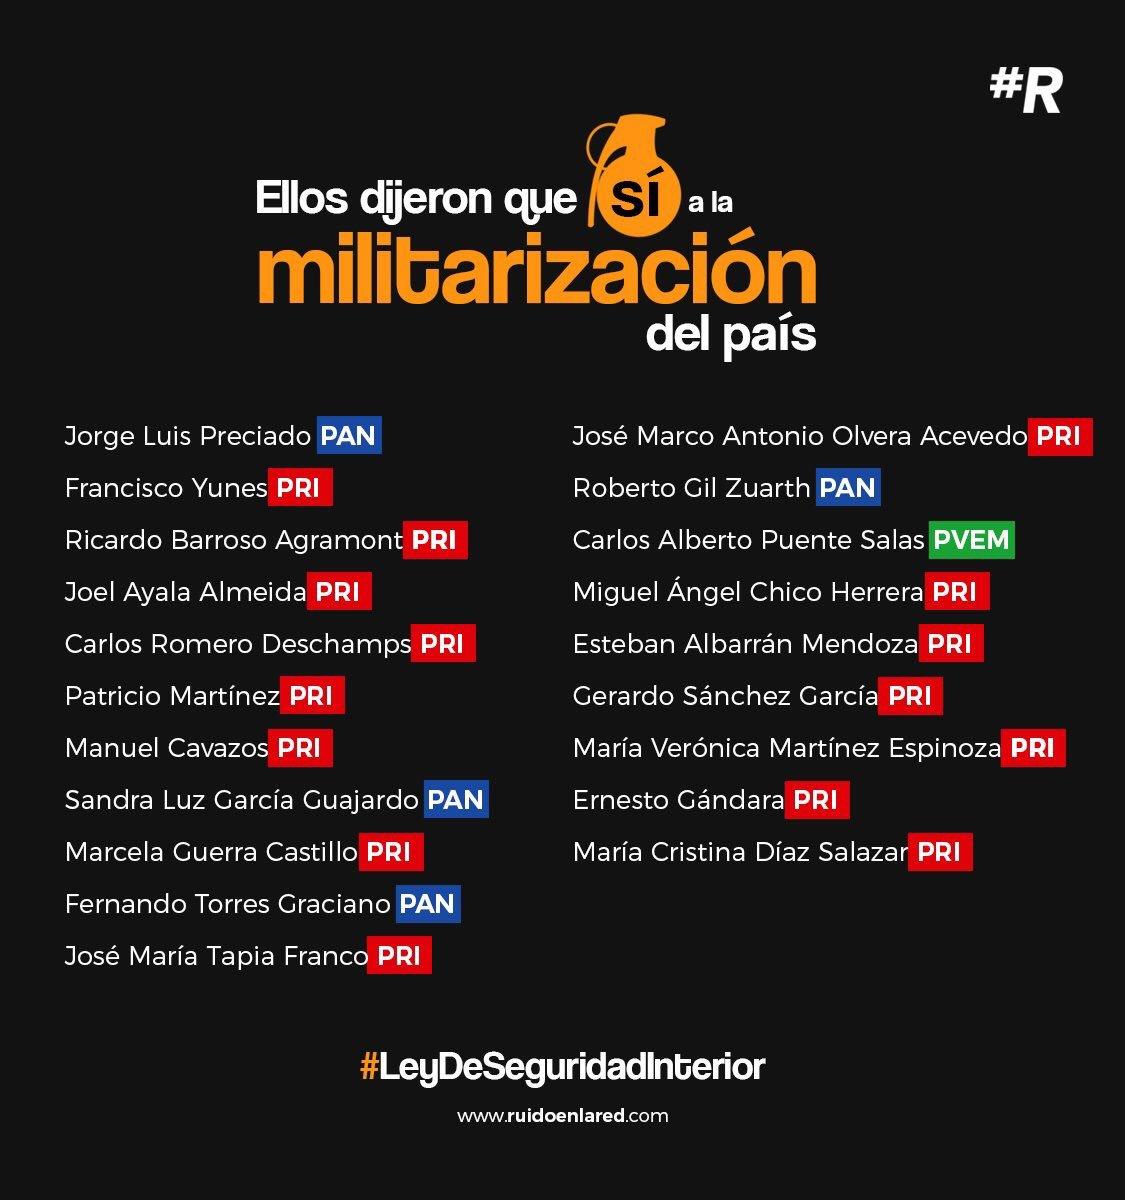 Aquí lista de #SenadoresGolpistas que votaron en favor de la #LeyDeSeguridadInterior en comisiones. A escribirles,a condenarlos, a exhibirlos, a reclamarles. Nos vemos en las urnas.